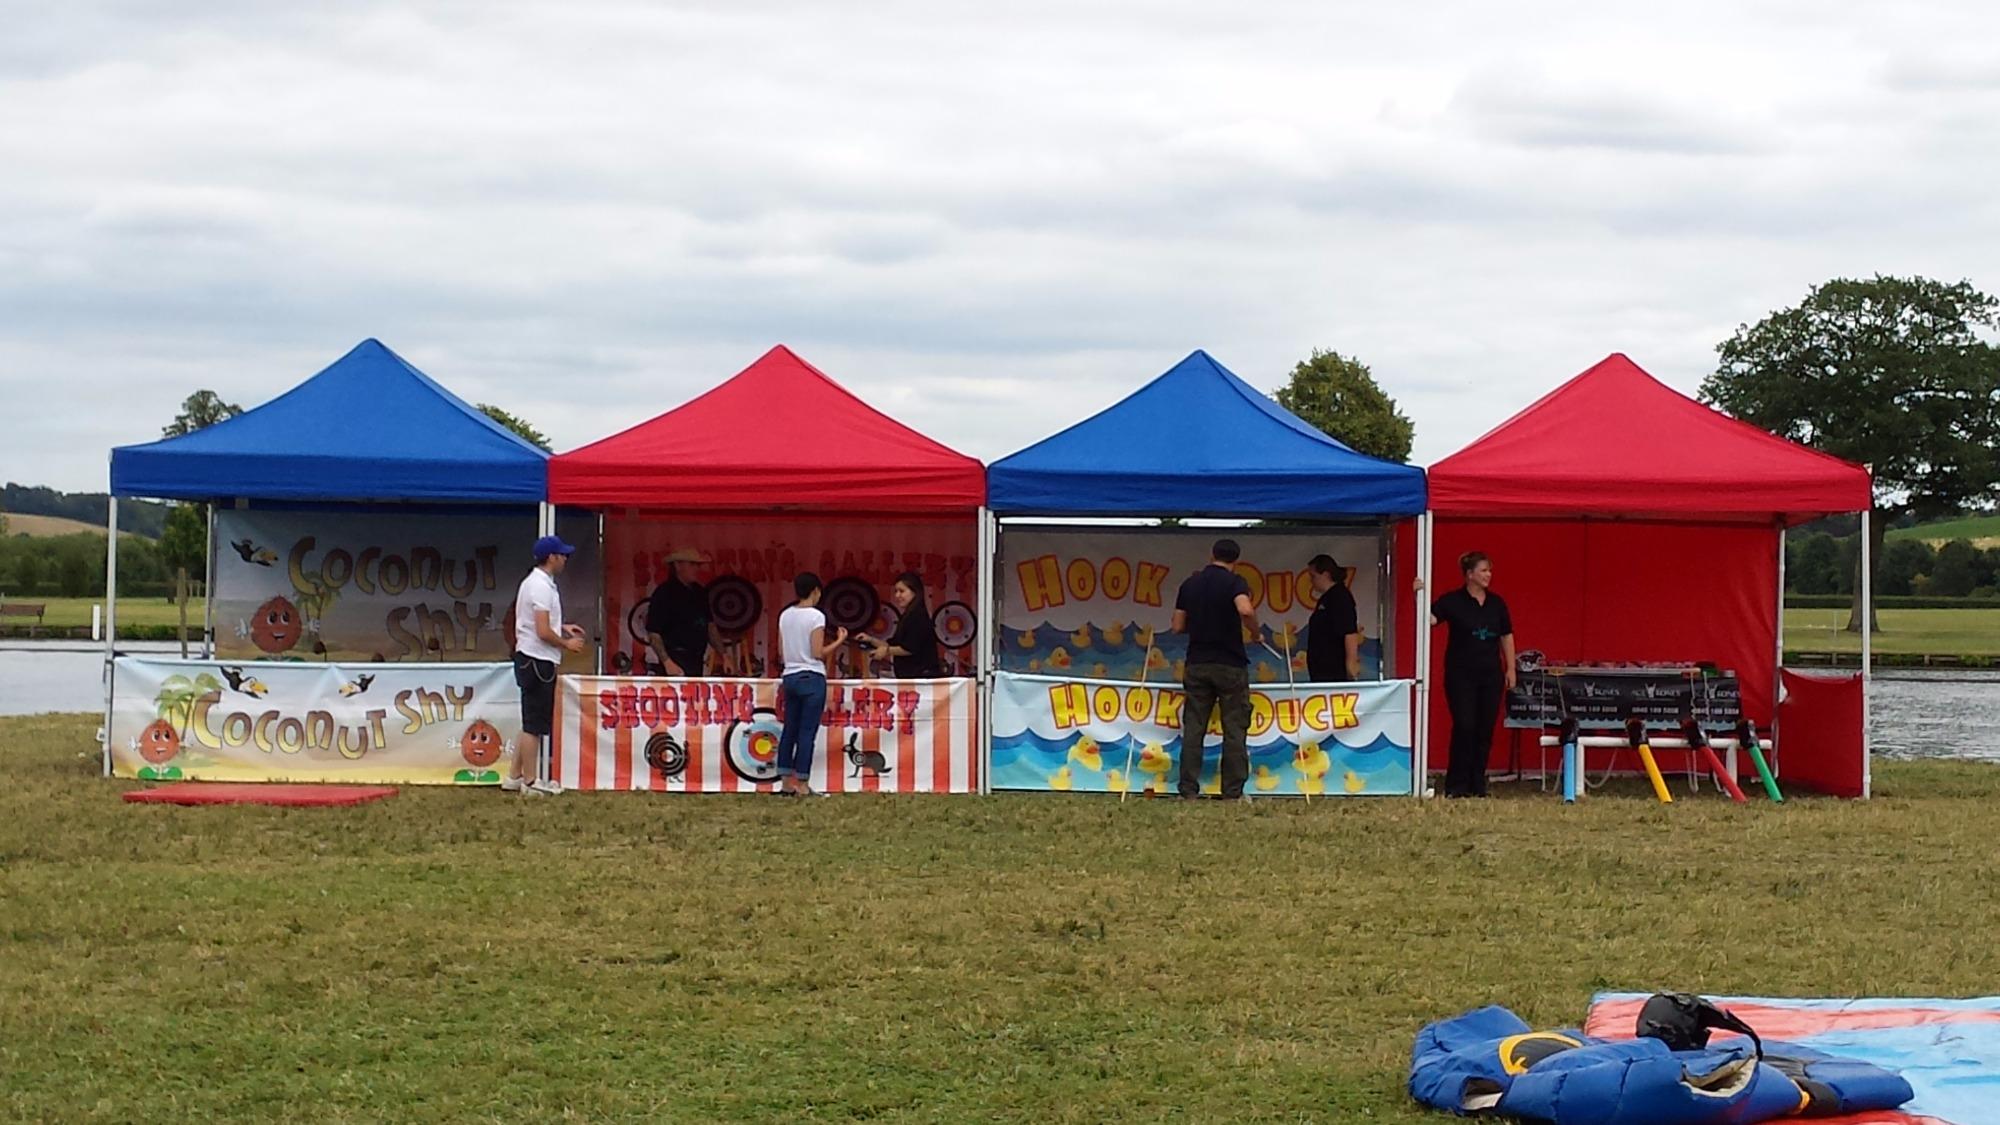 Promo Funfair Stalls Funfair Stall Cambridgeshire